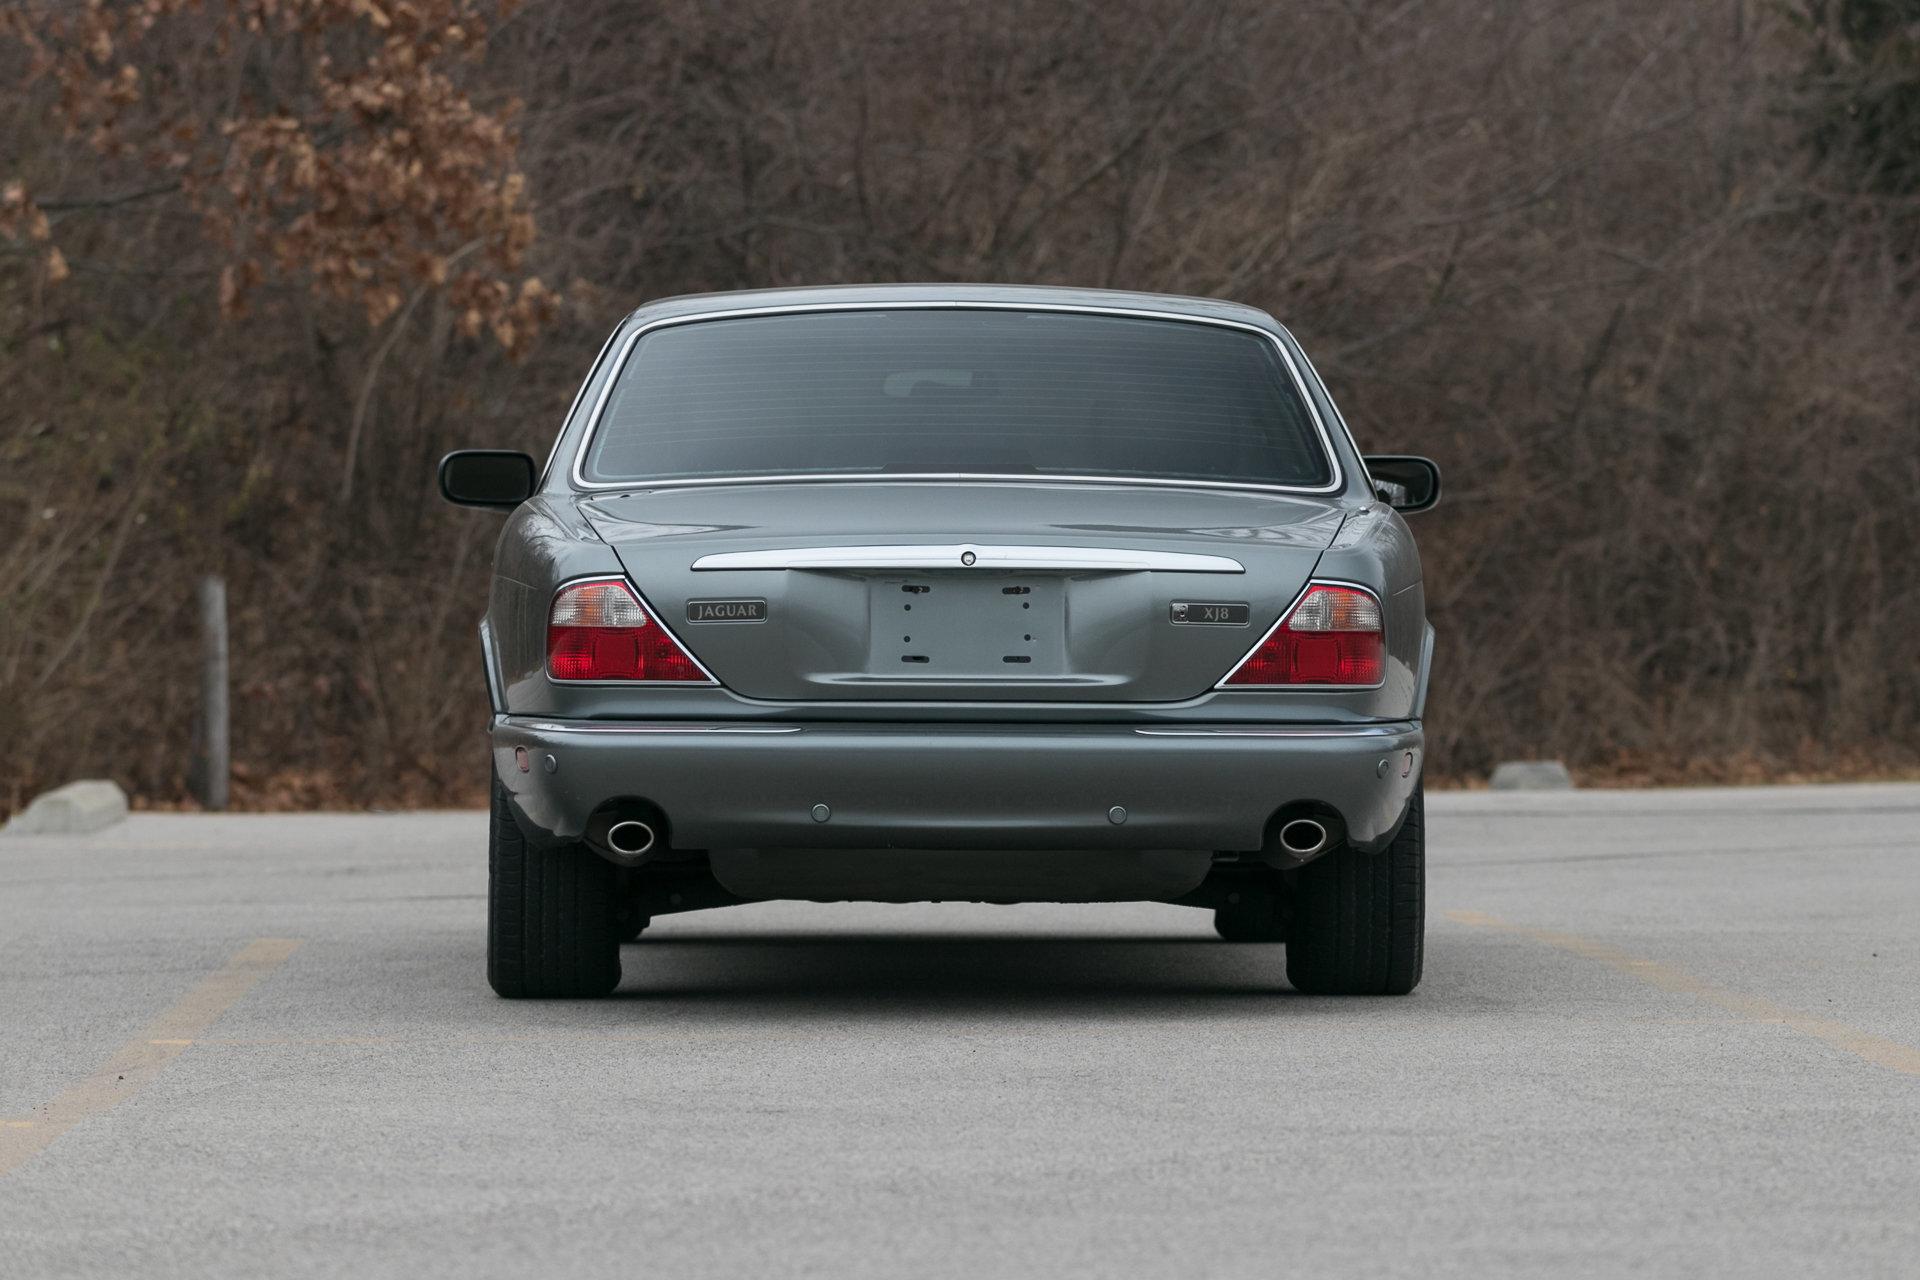 2003 Jaguar XJ8 For Sale ...